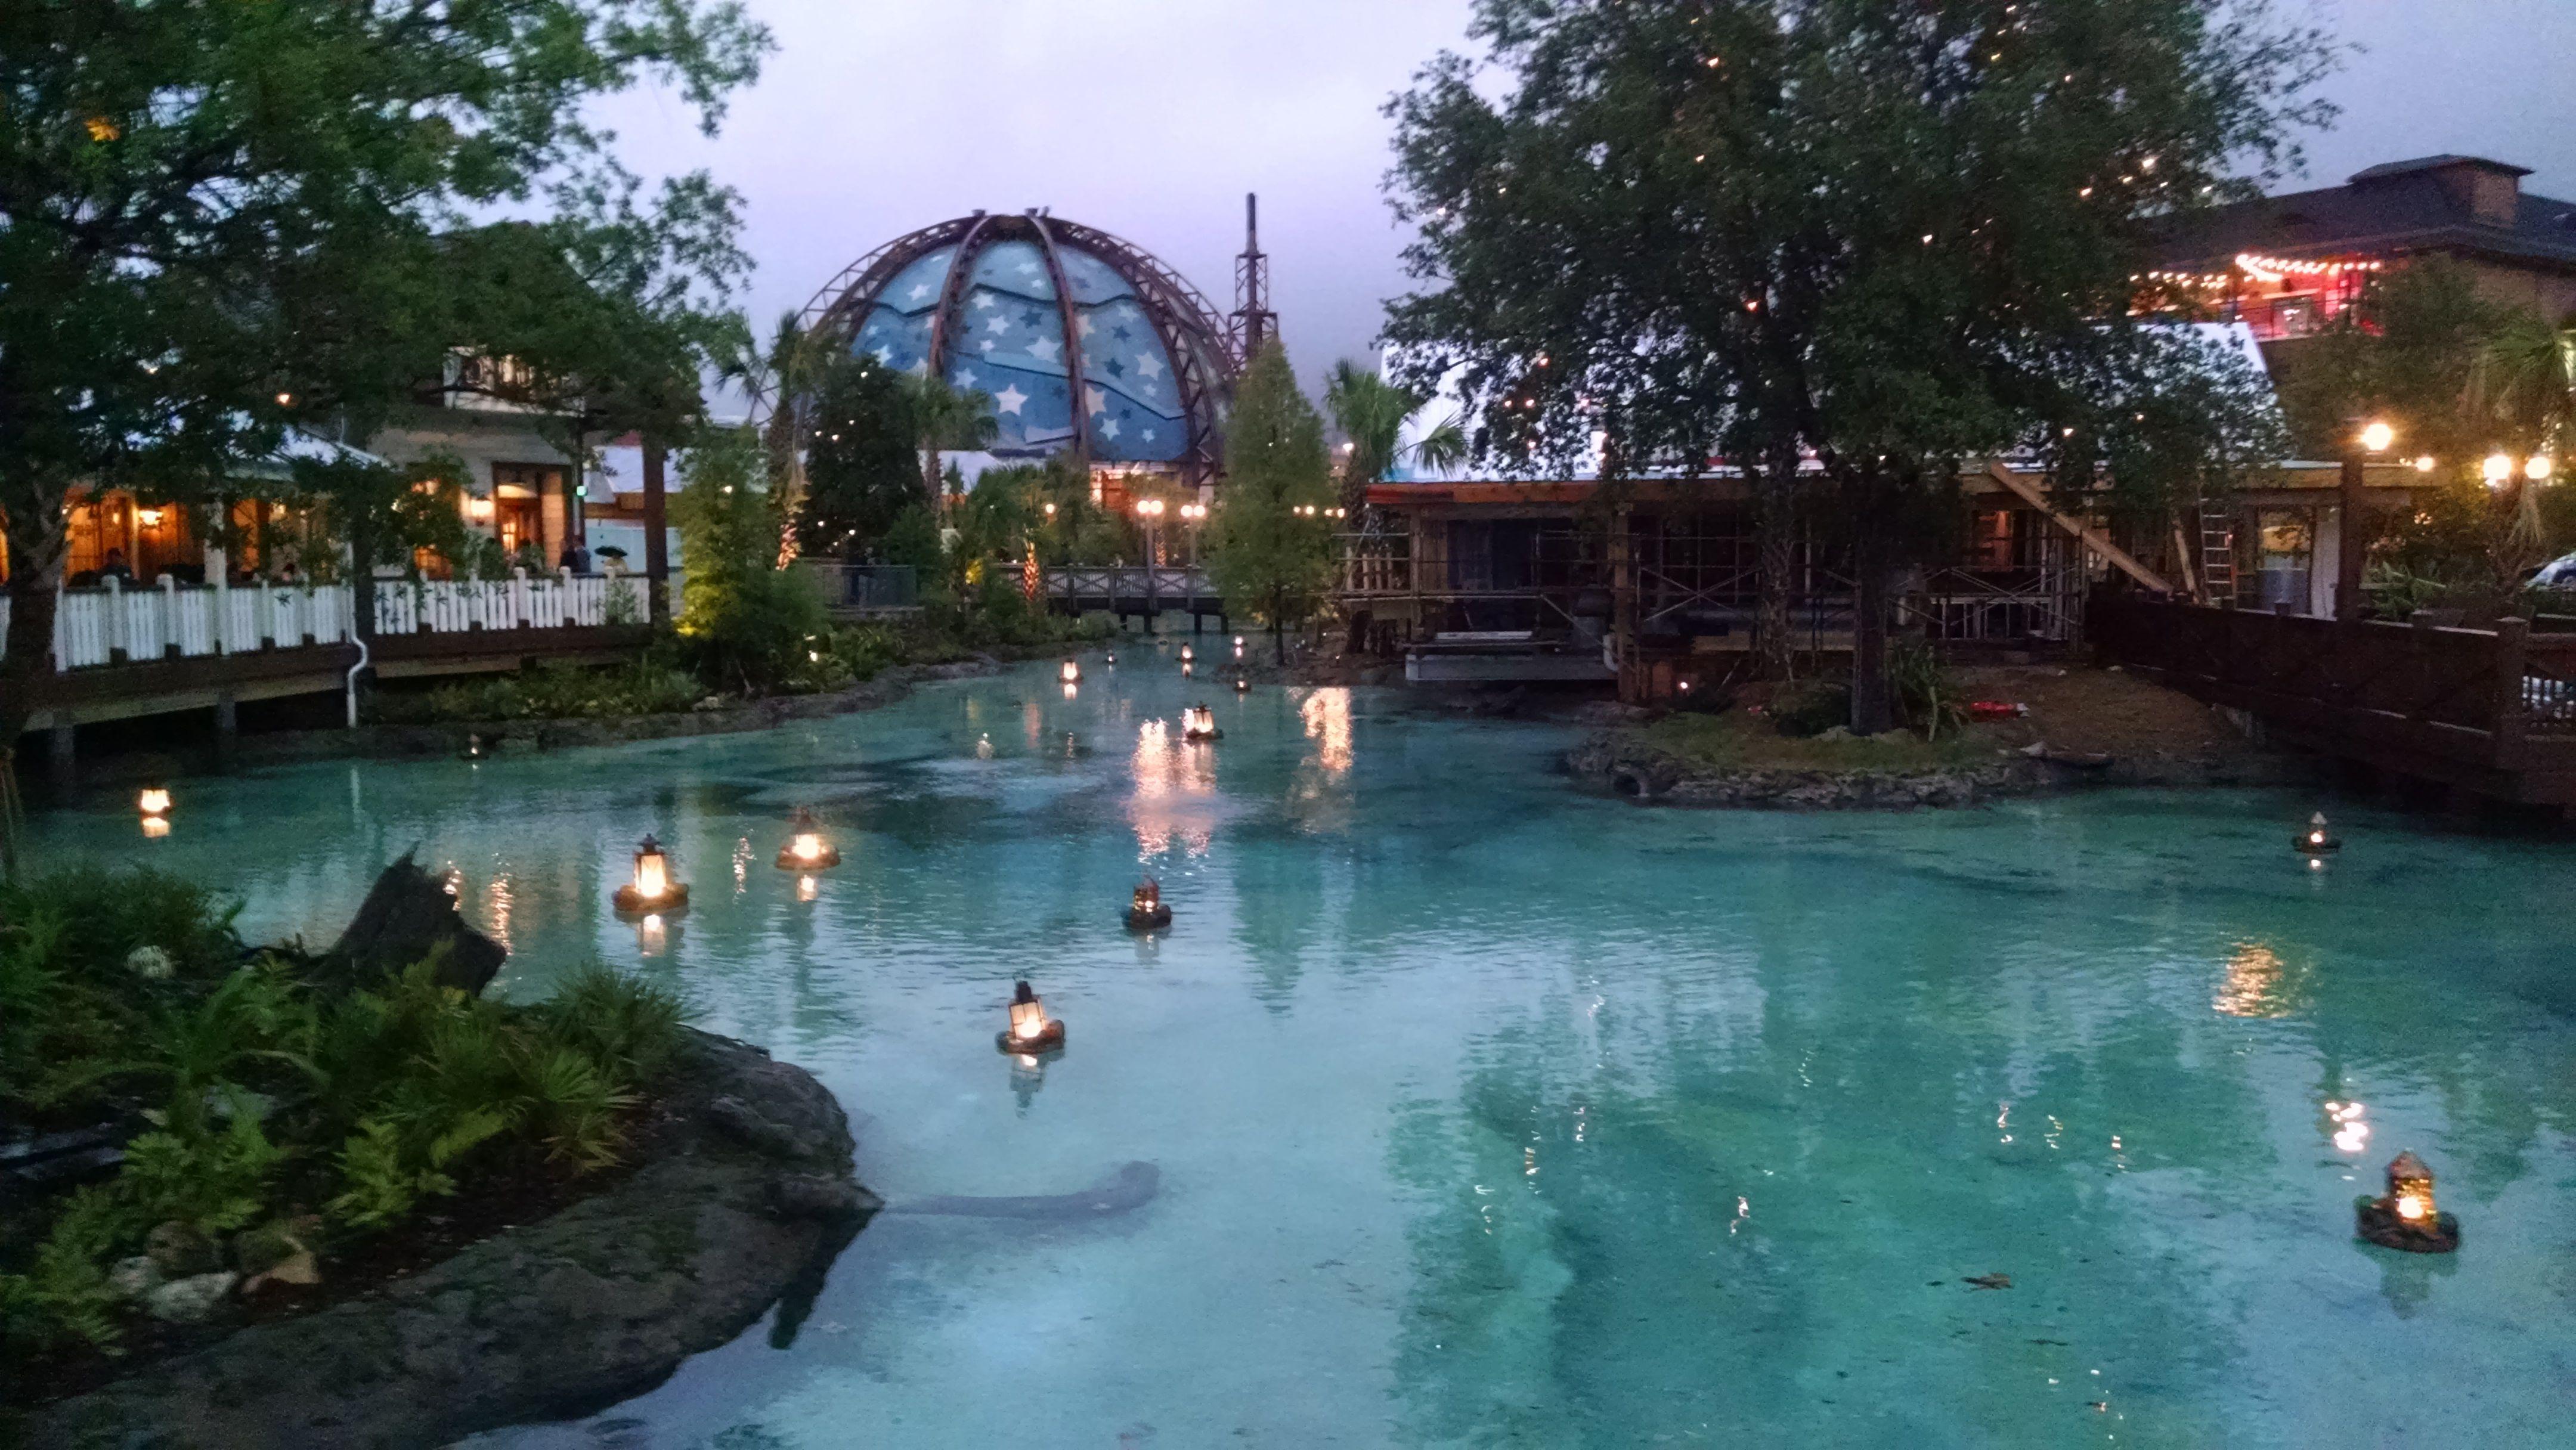 The Springs of Disney Springs